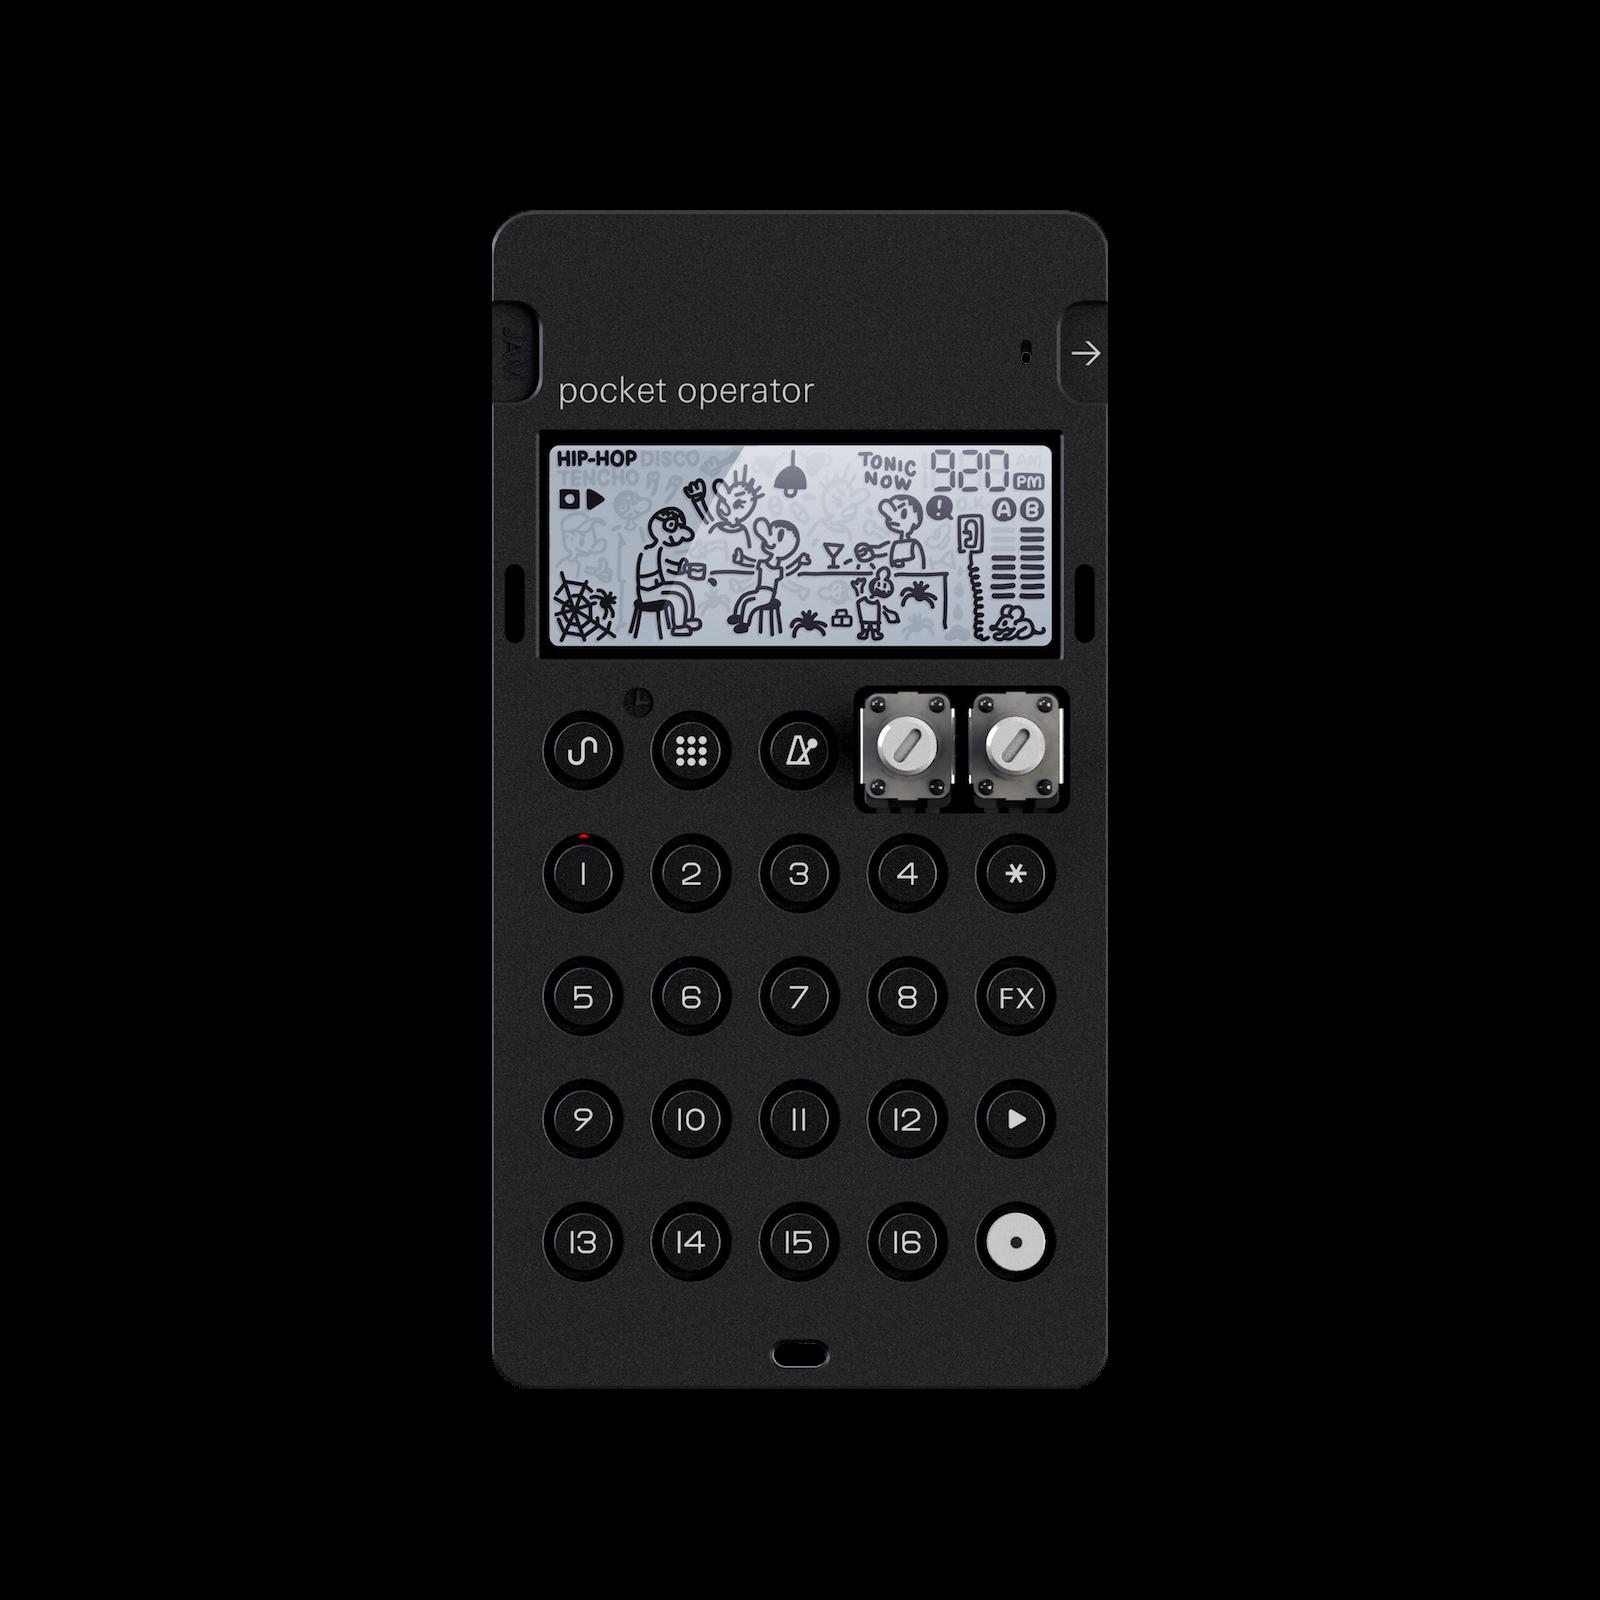 20170418_te_op32_585906b0b6e2c40400ebcae0_1600